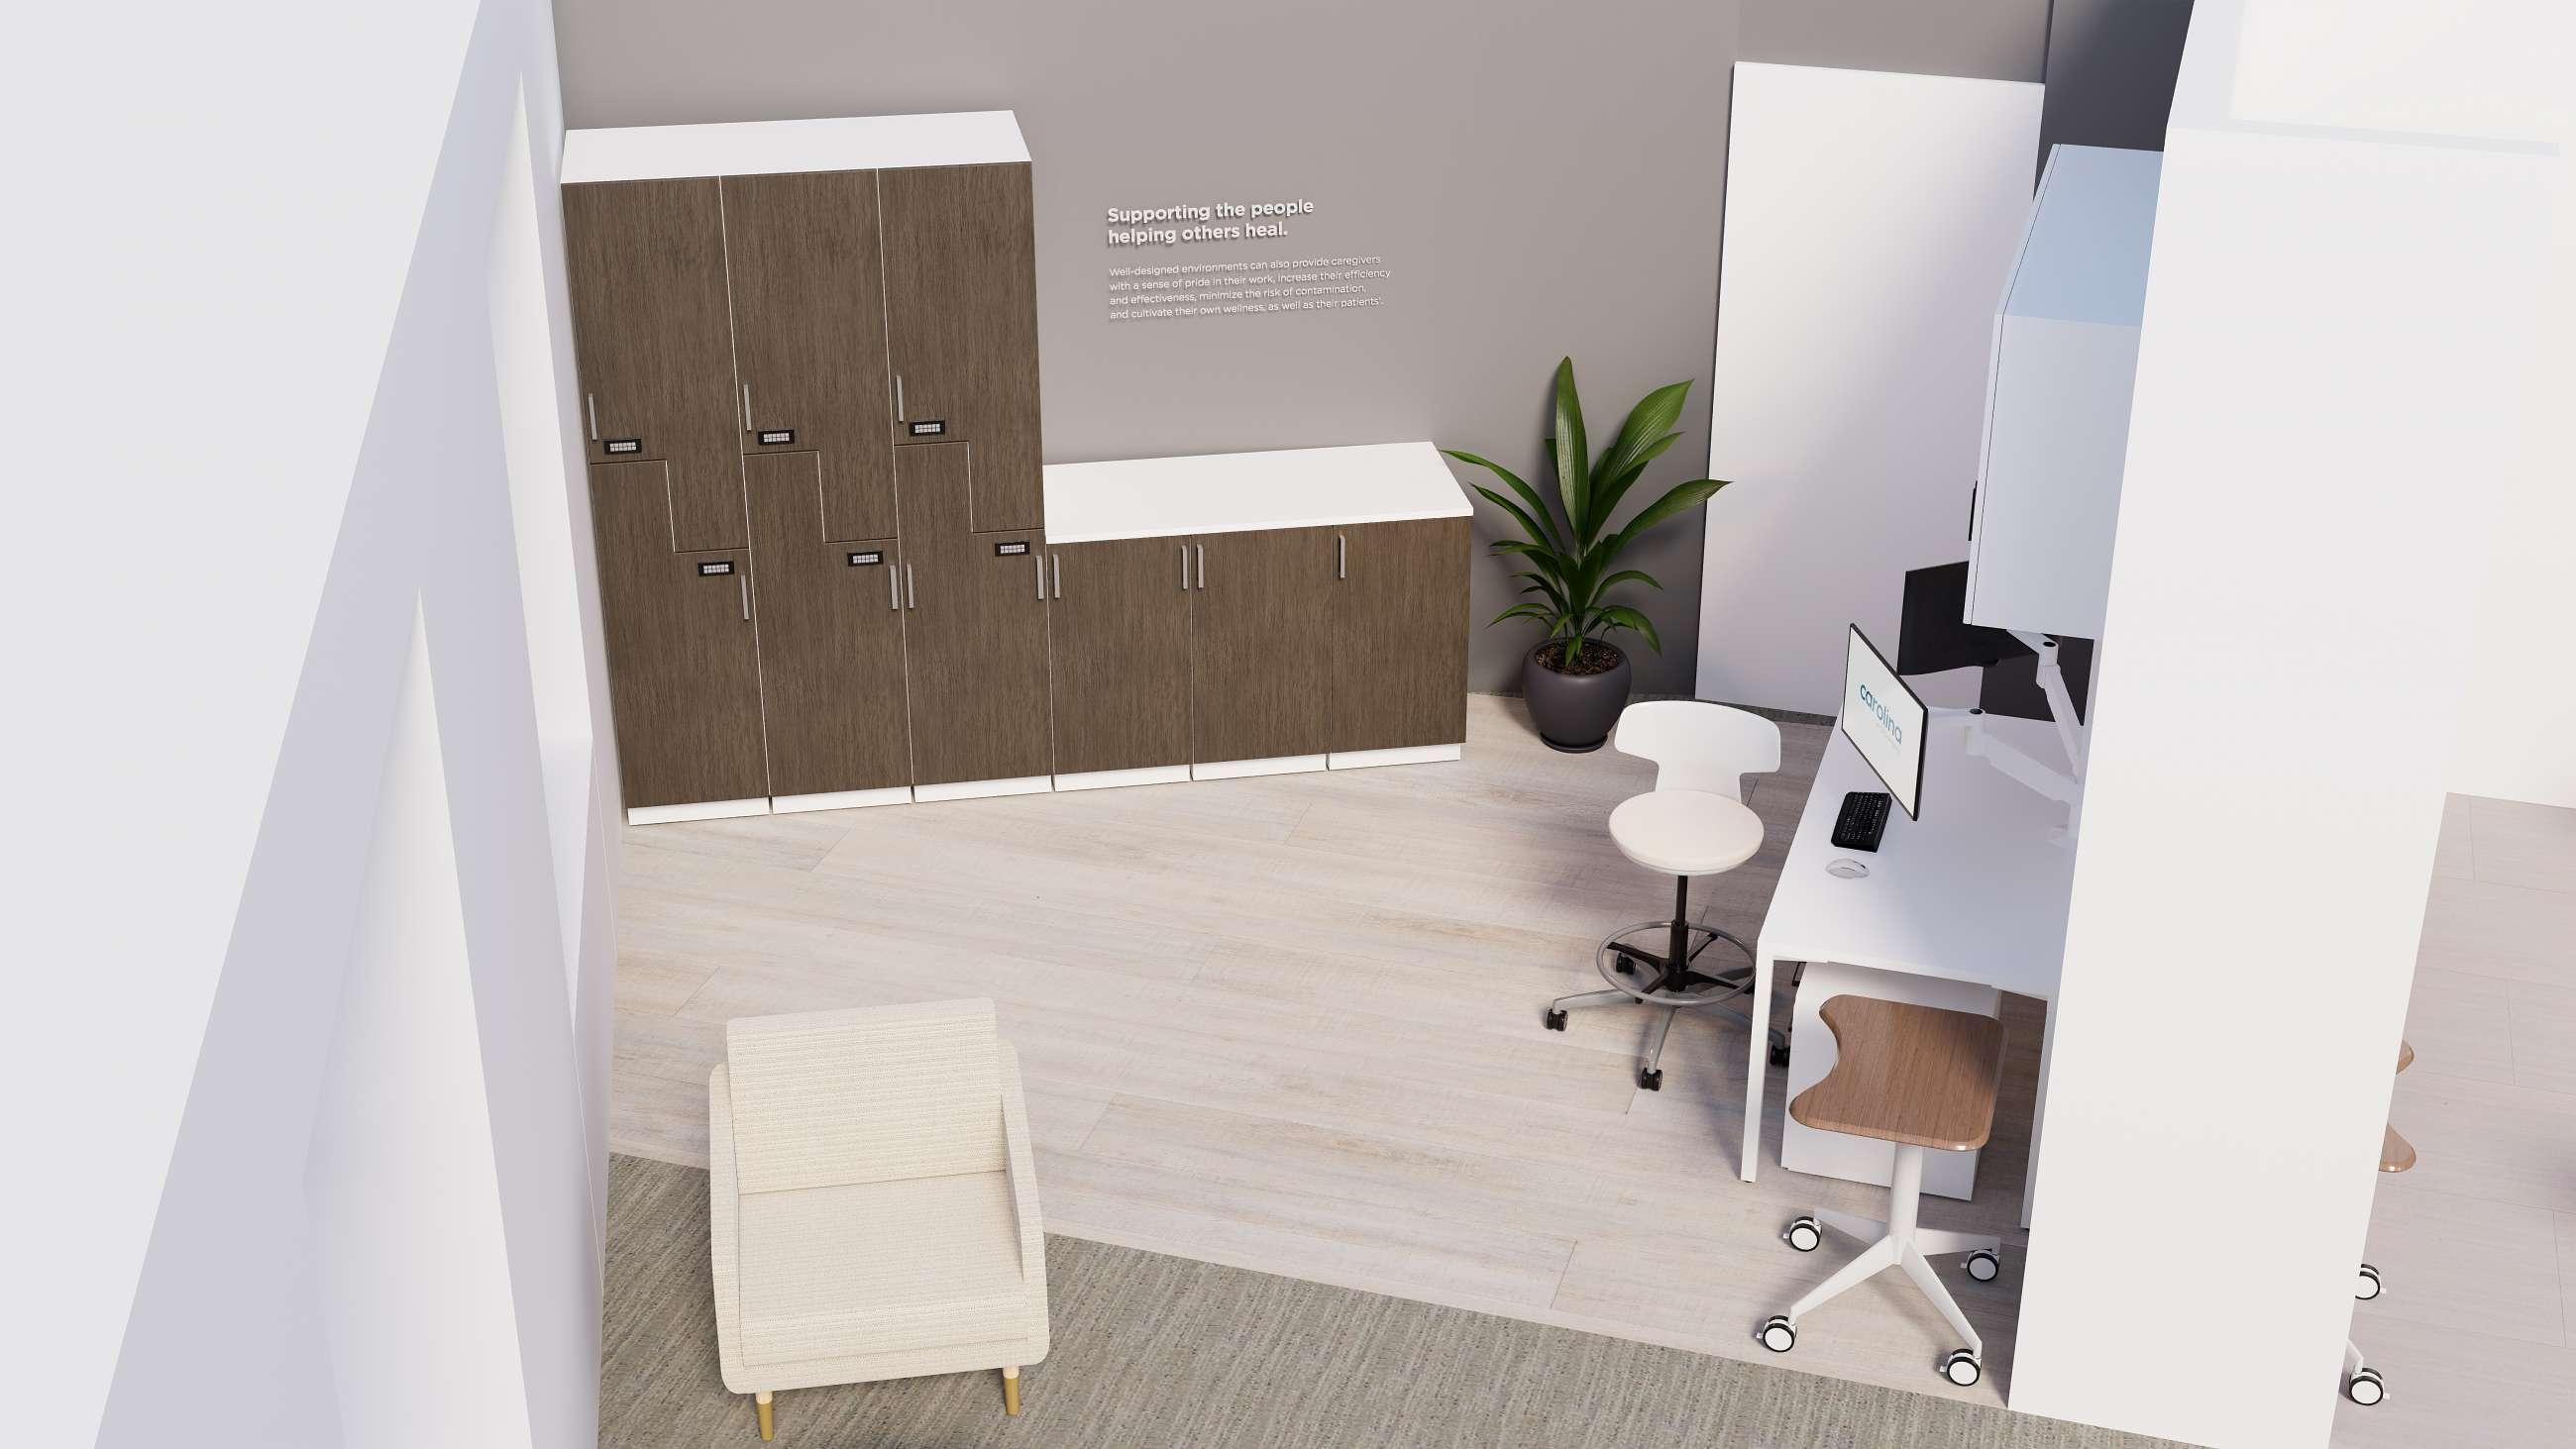 Caregiver spaces